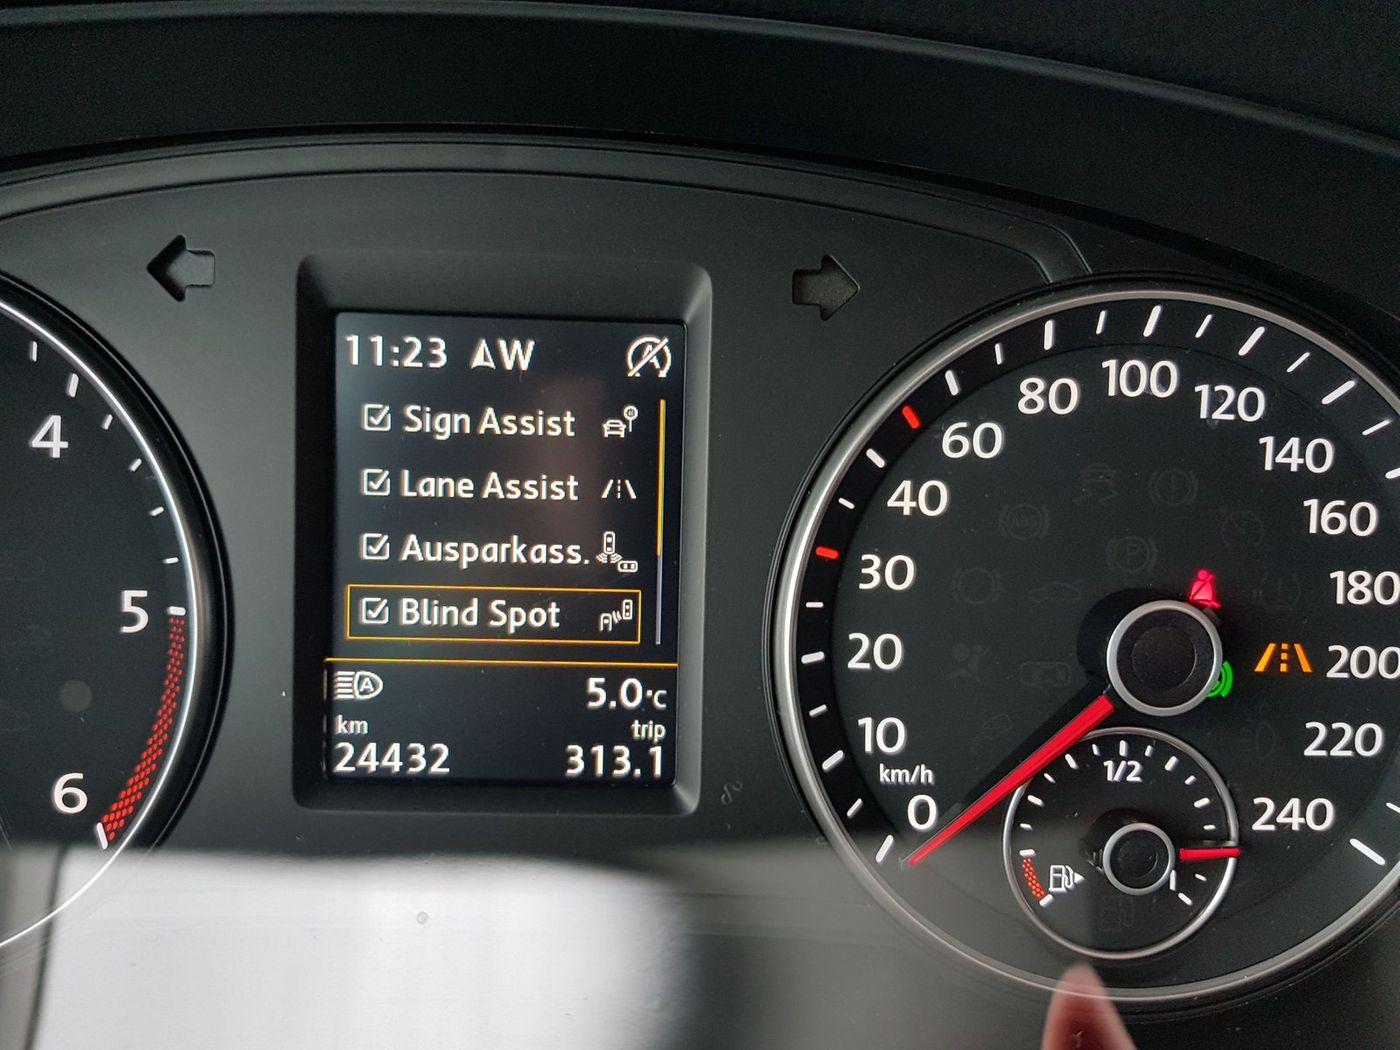 VW Sharan gebraucht in Erfurt günstig kaufen